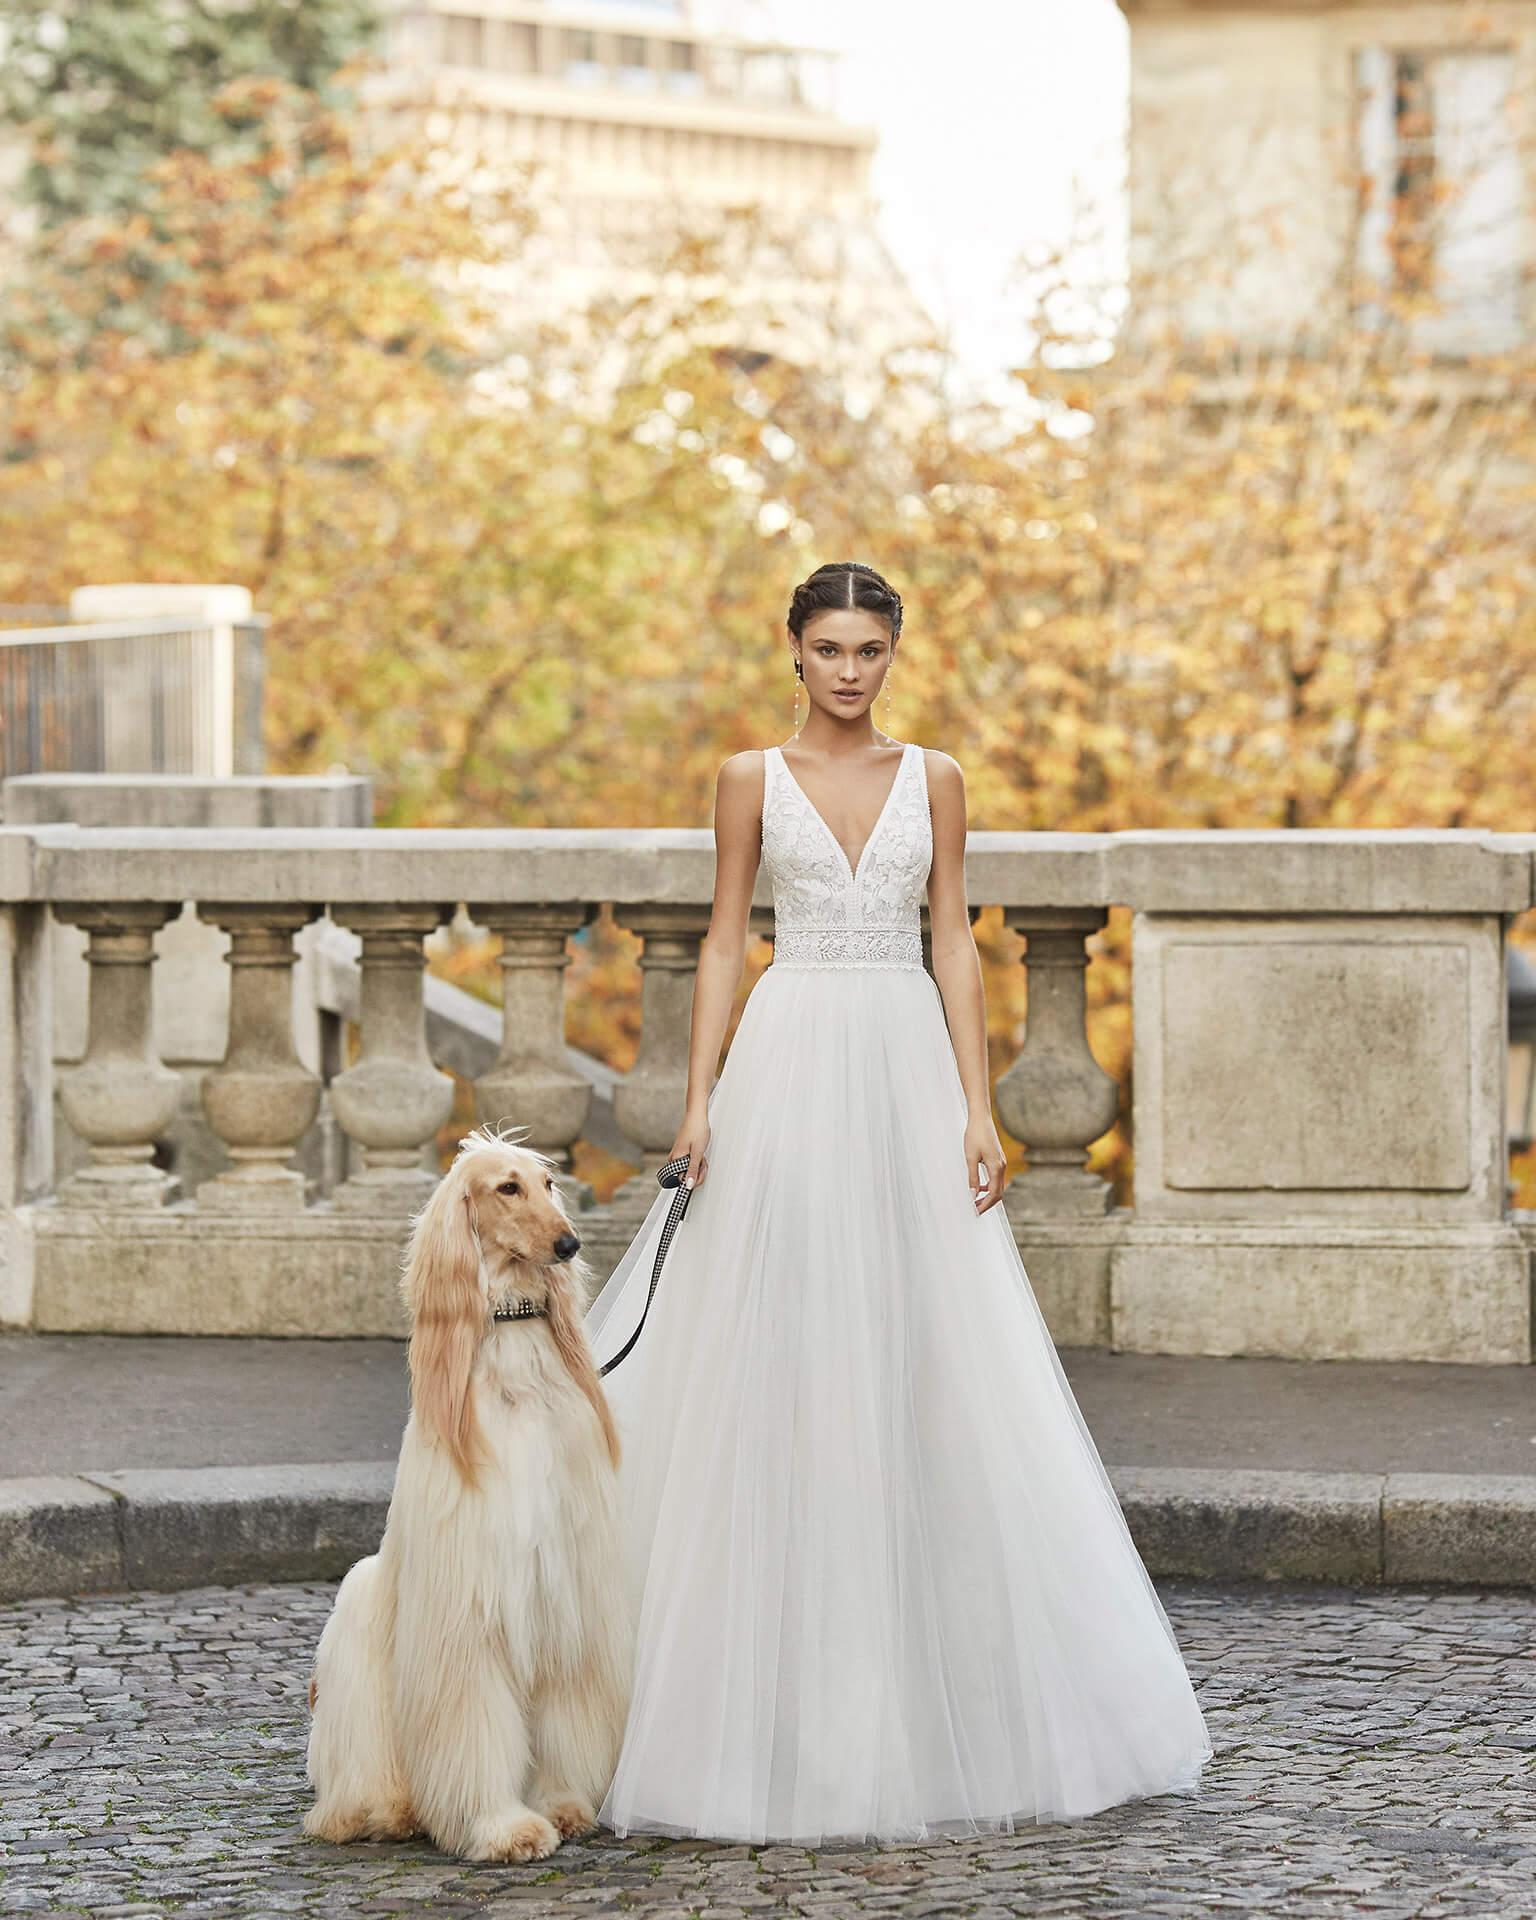 Braut in Brautkleid A-Linie Satin mit Träger ärmellos auf einer Brücke mit einem großen Hund